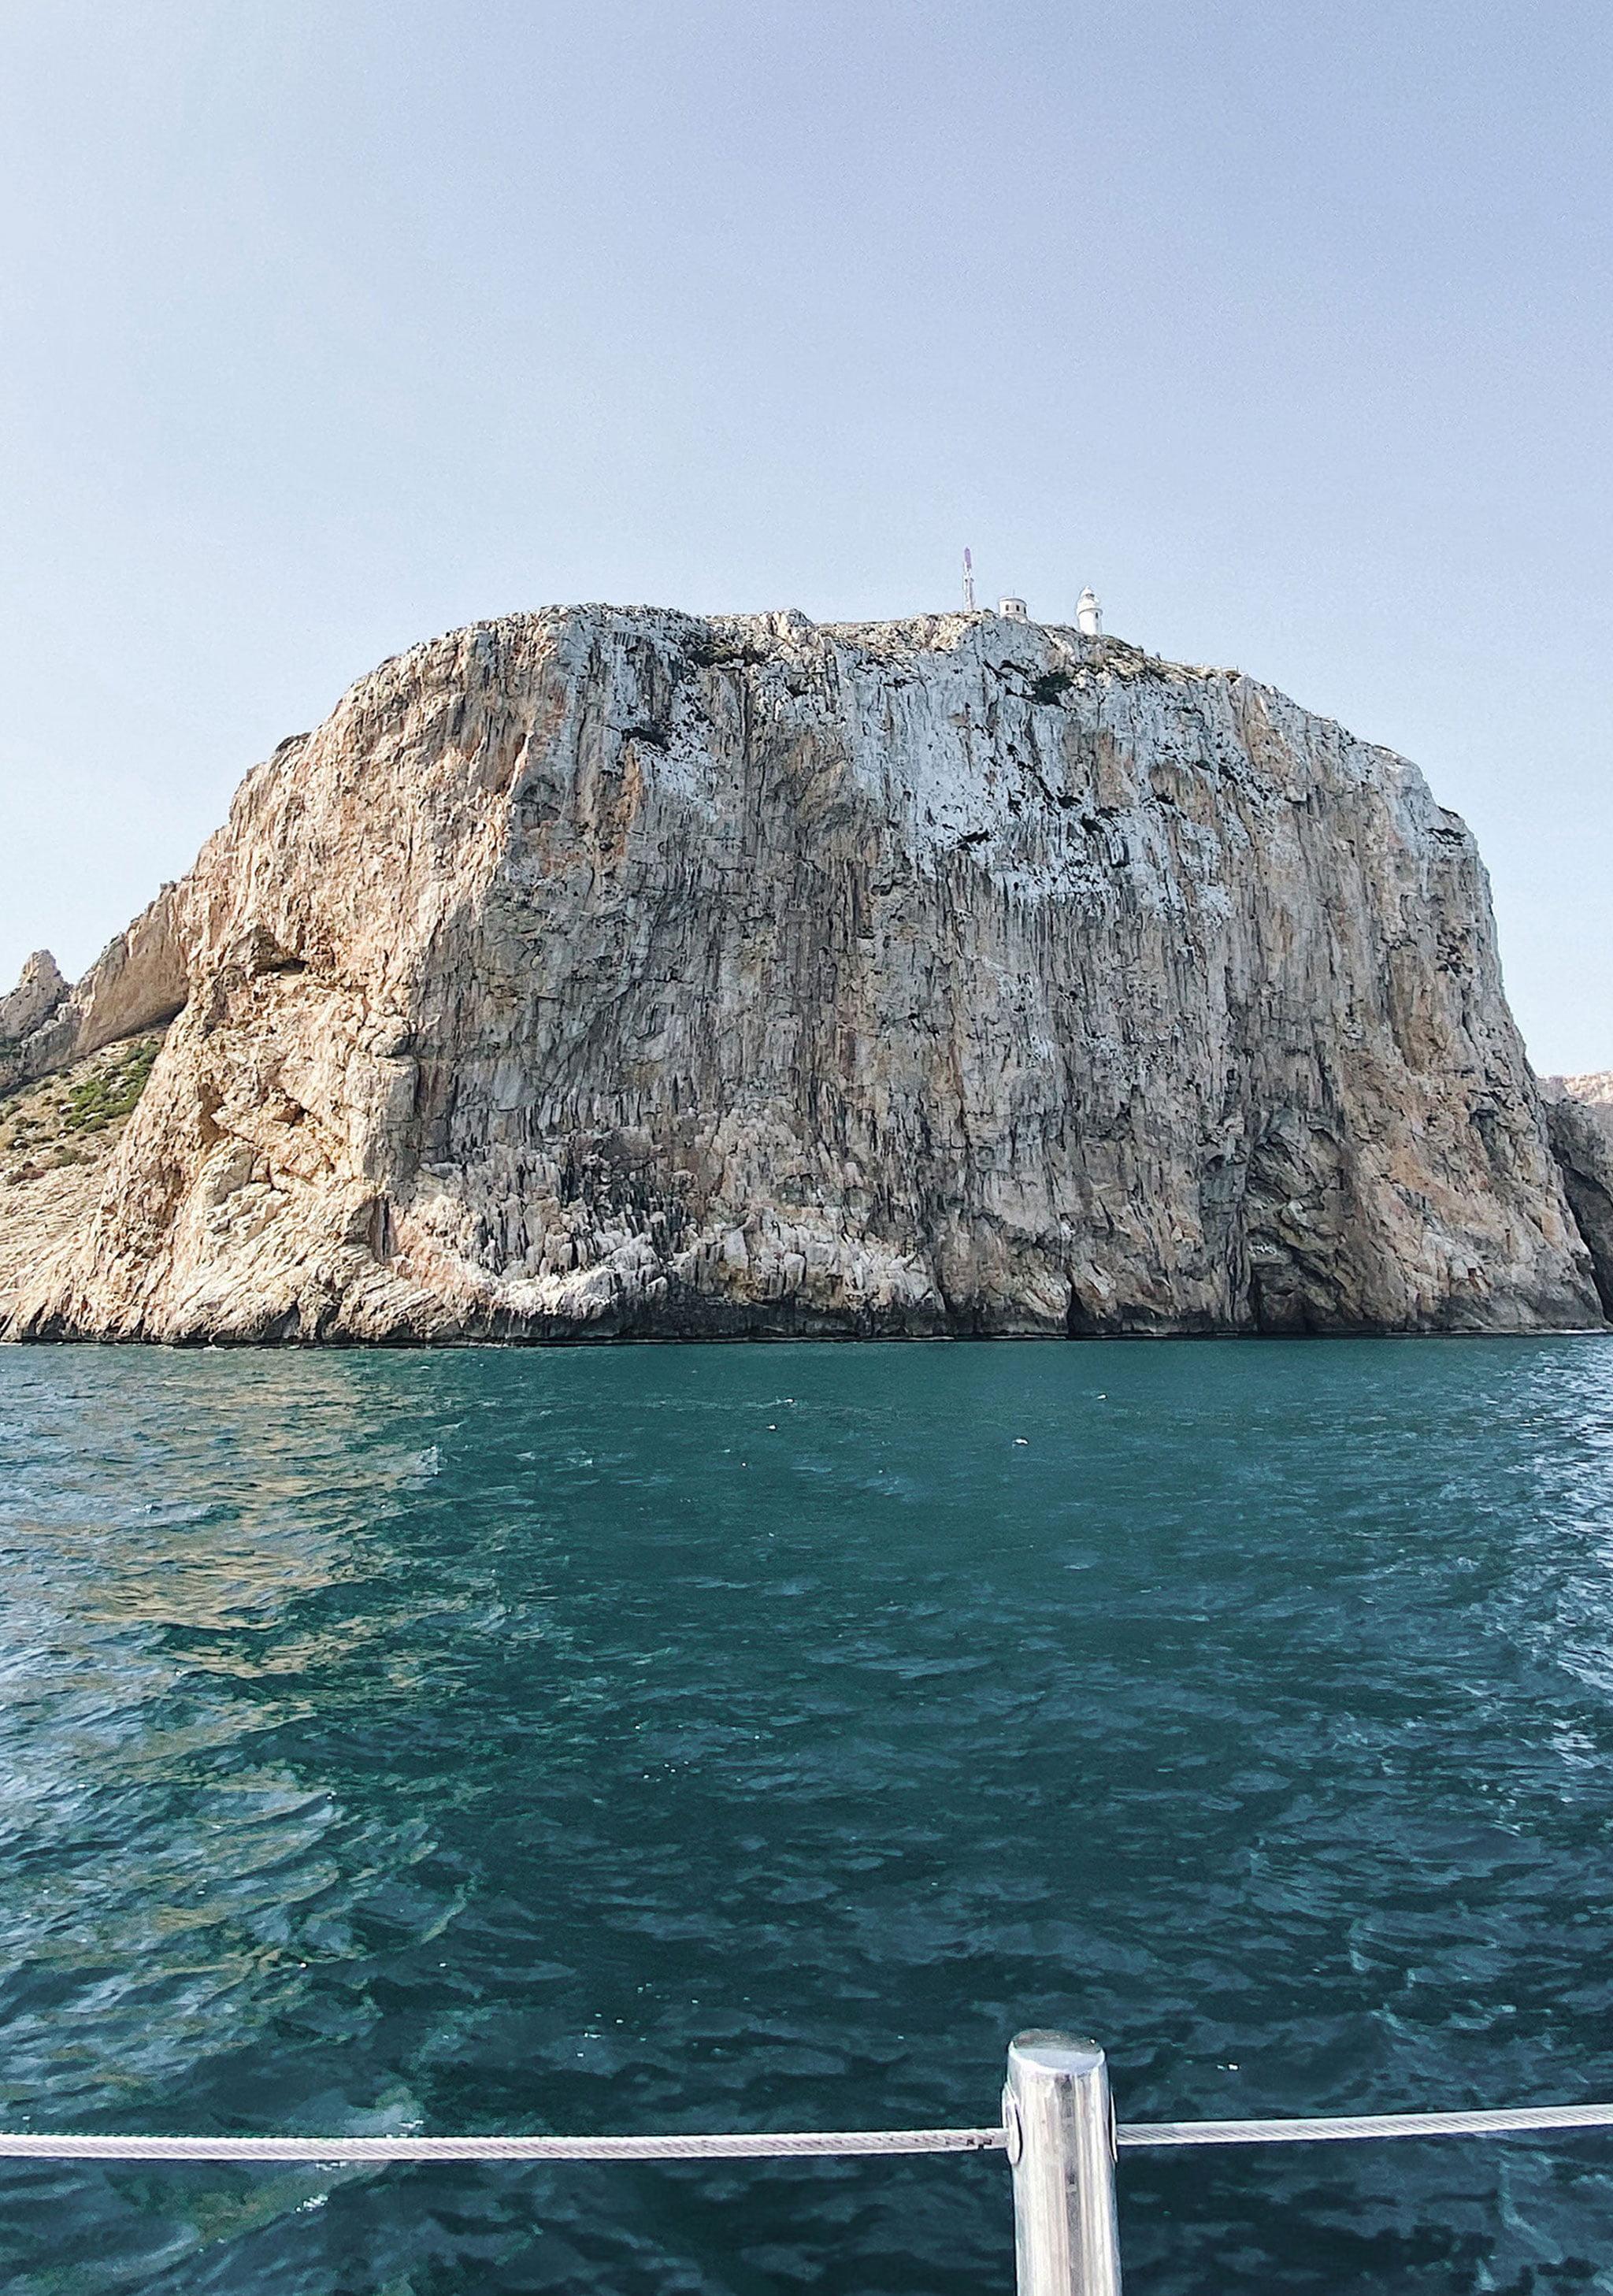 Impresionante pared del acantilado del Cabo de San Antonio, con el faro arriba